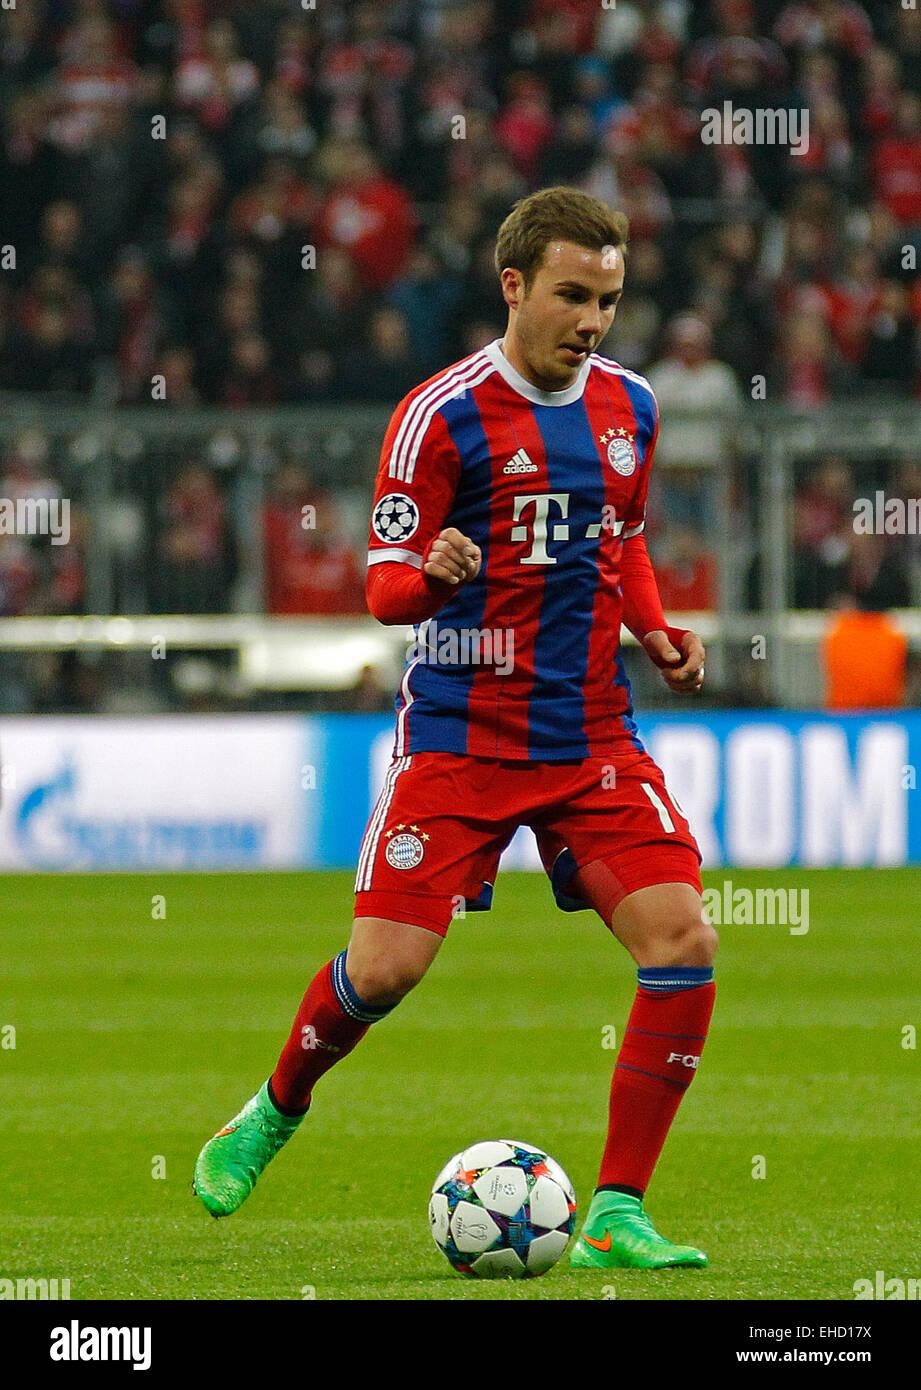 MUNICH GERMANY MARCH 11 Bayern Munich s midfielder Mario Gotze